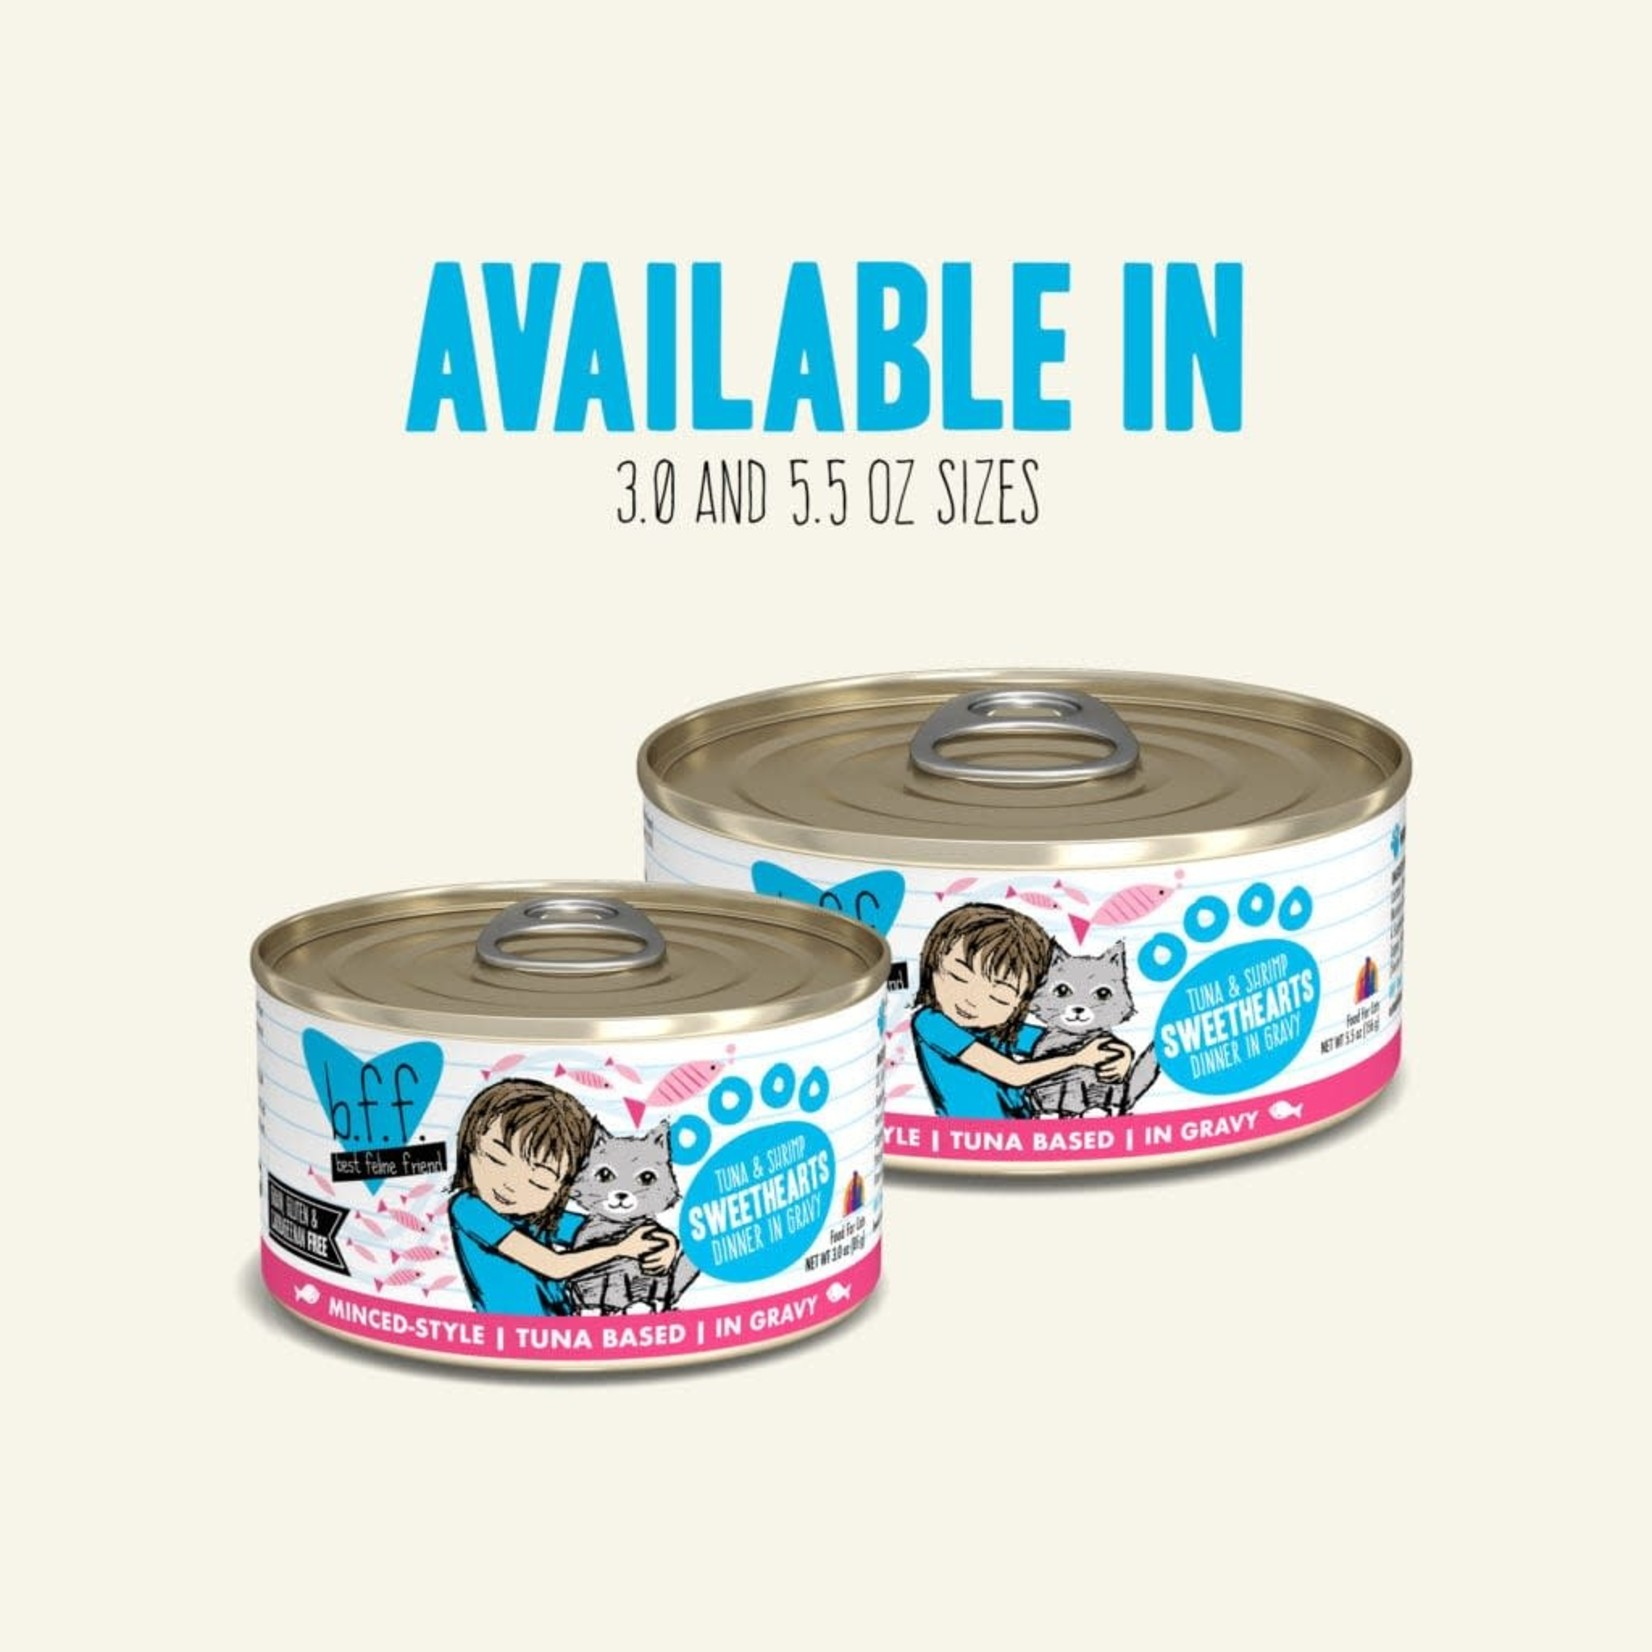 Weruva BFF Cat Tuna & Shrimp Sweethearts Can 3 OZ